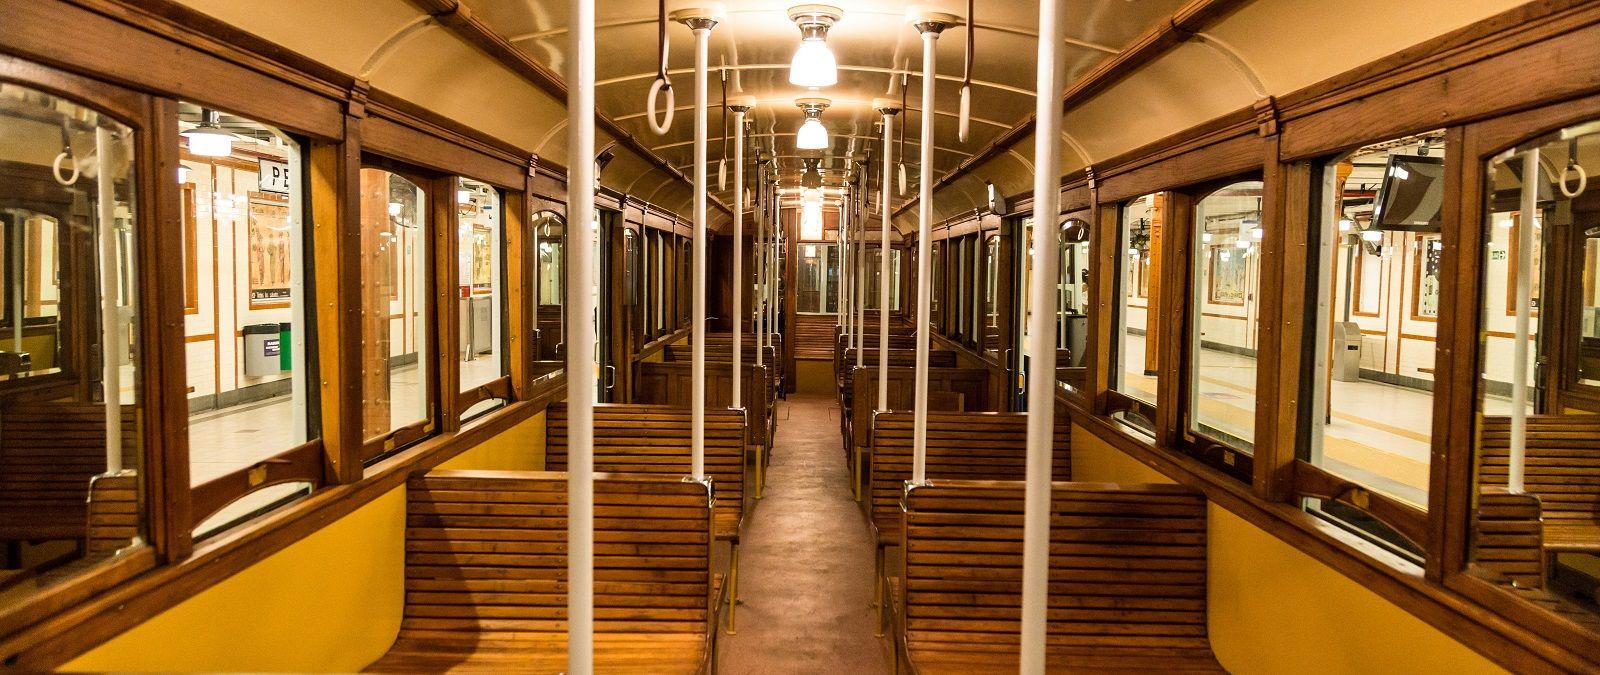 Volverán a circular los coches de más de 100 años de antigüedad de la Línea A